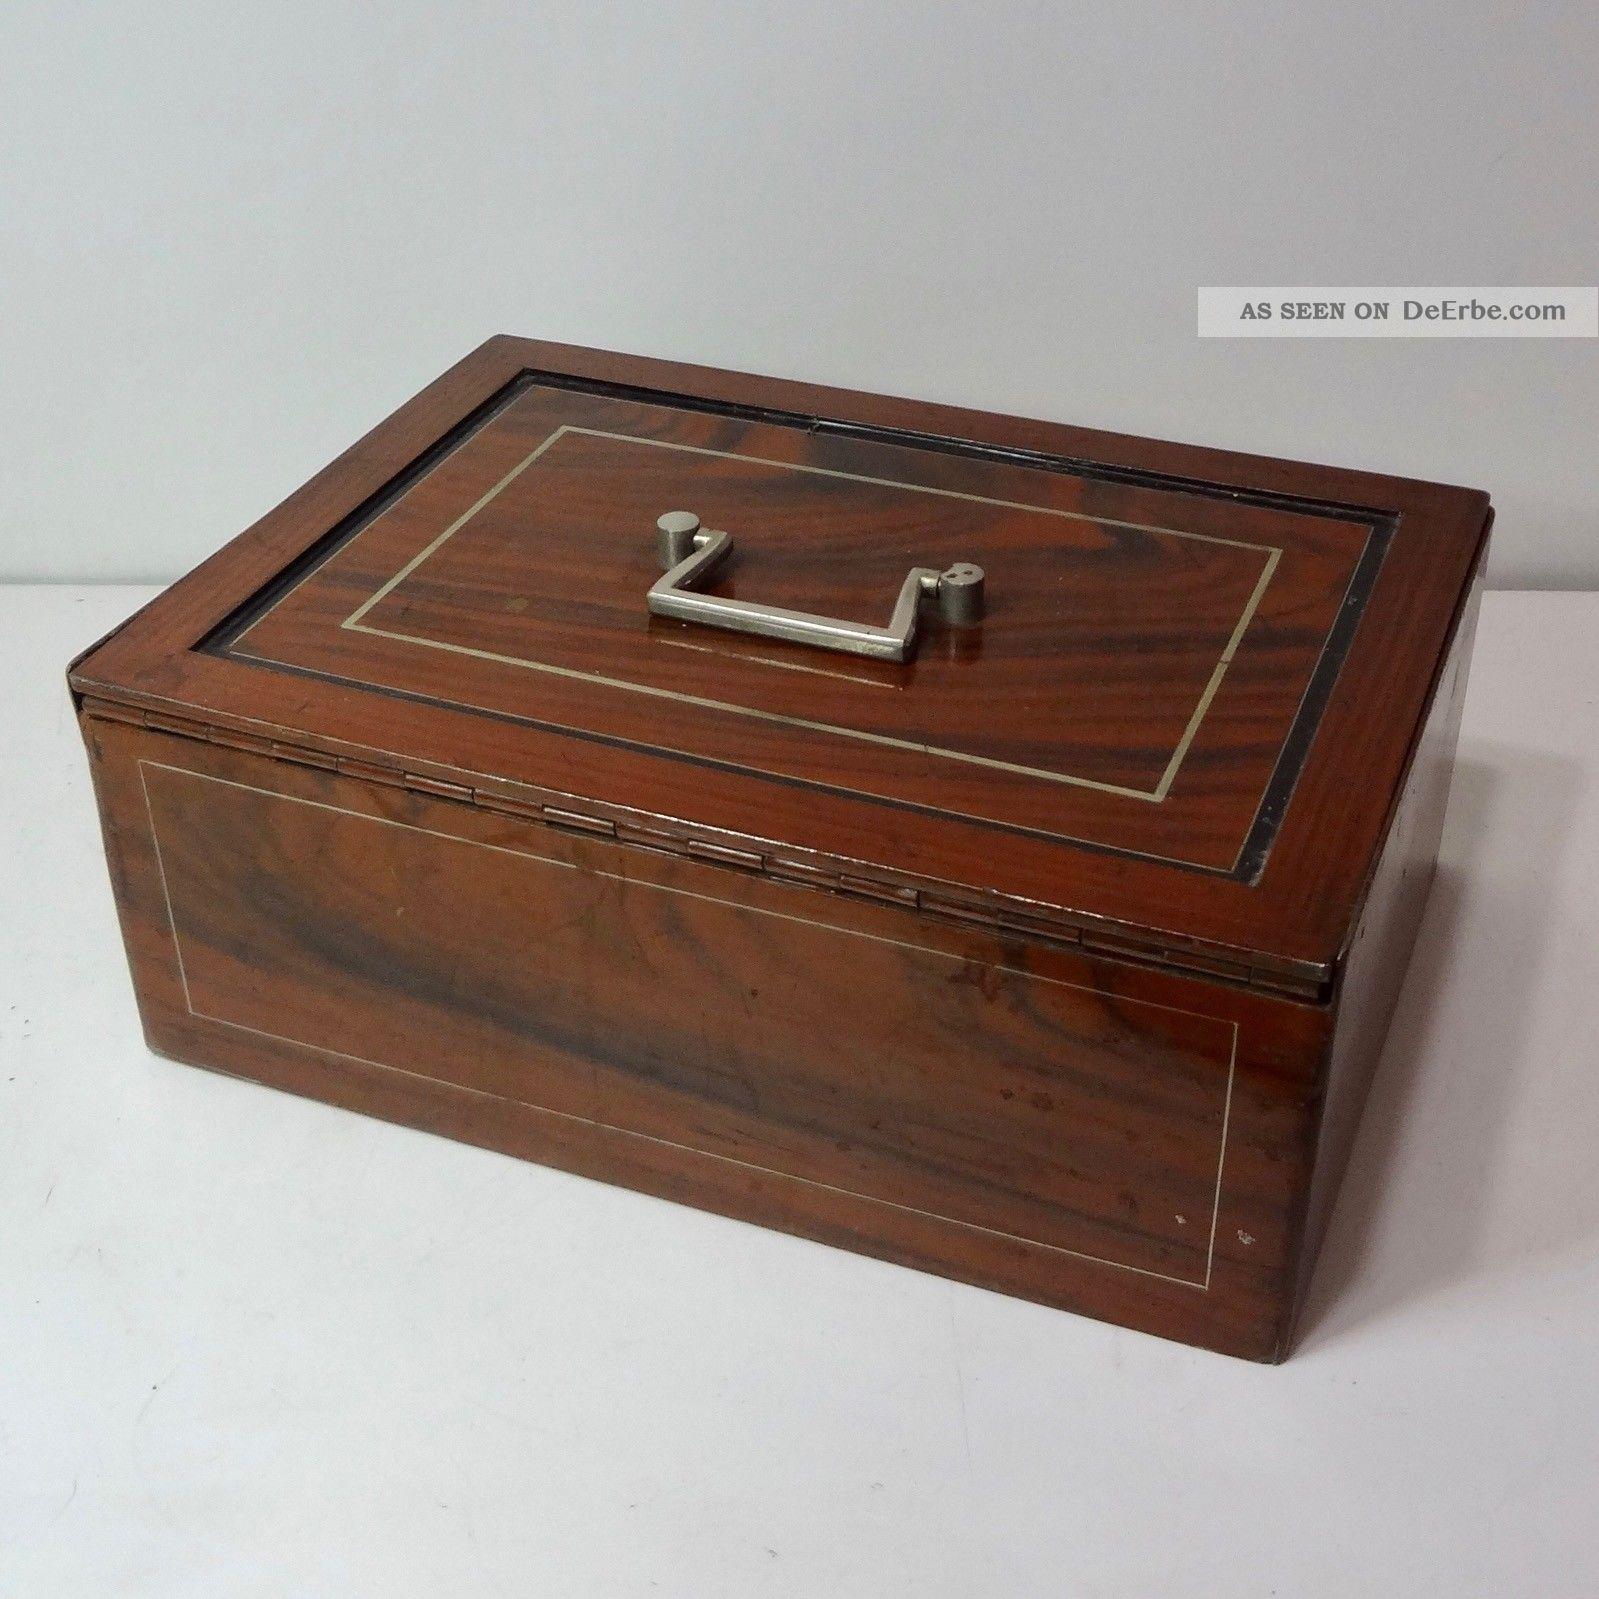 Uralte Geldkassette Kasse Um 1900 Vollmetall Maseriert Mit Schlüssel - 6,  8 Kg Kaufleute & Krämer Bild